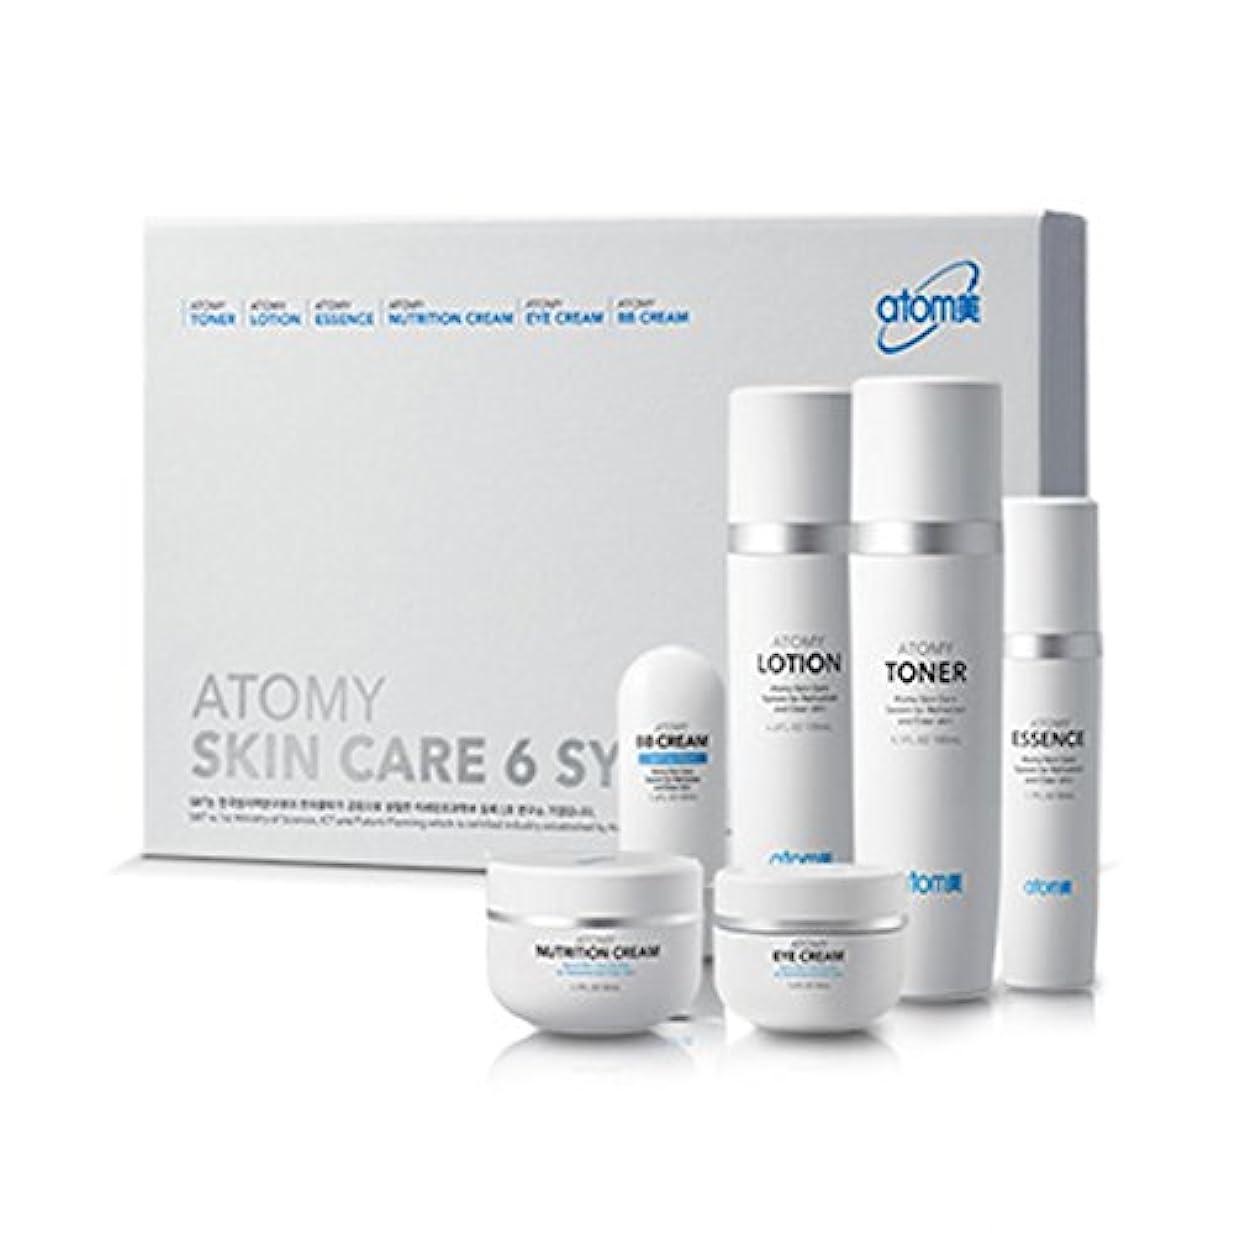 ピルアライメント聖人[Atom美 アトミ/ Atomy] Atomi Skin Care 6 System/スキンケア6システム+[Sample Gift](海外直送品)